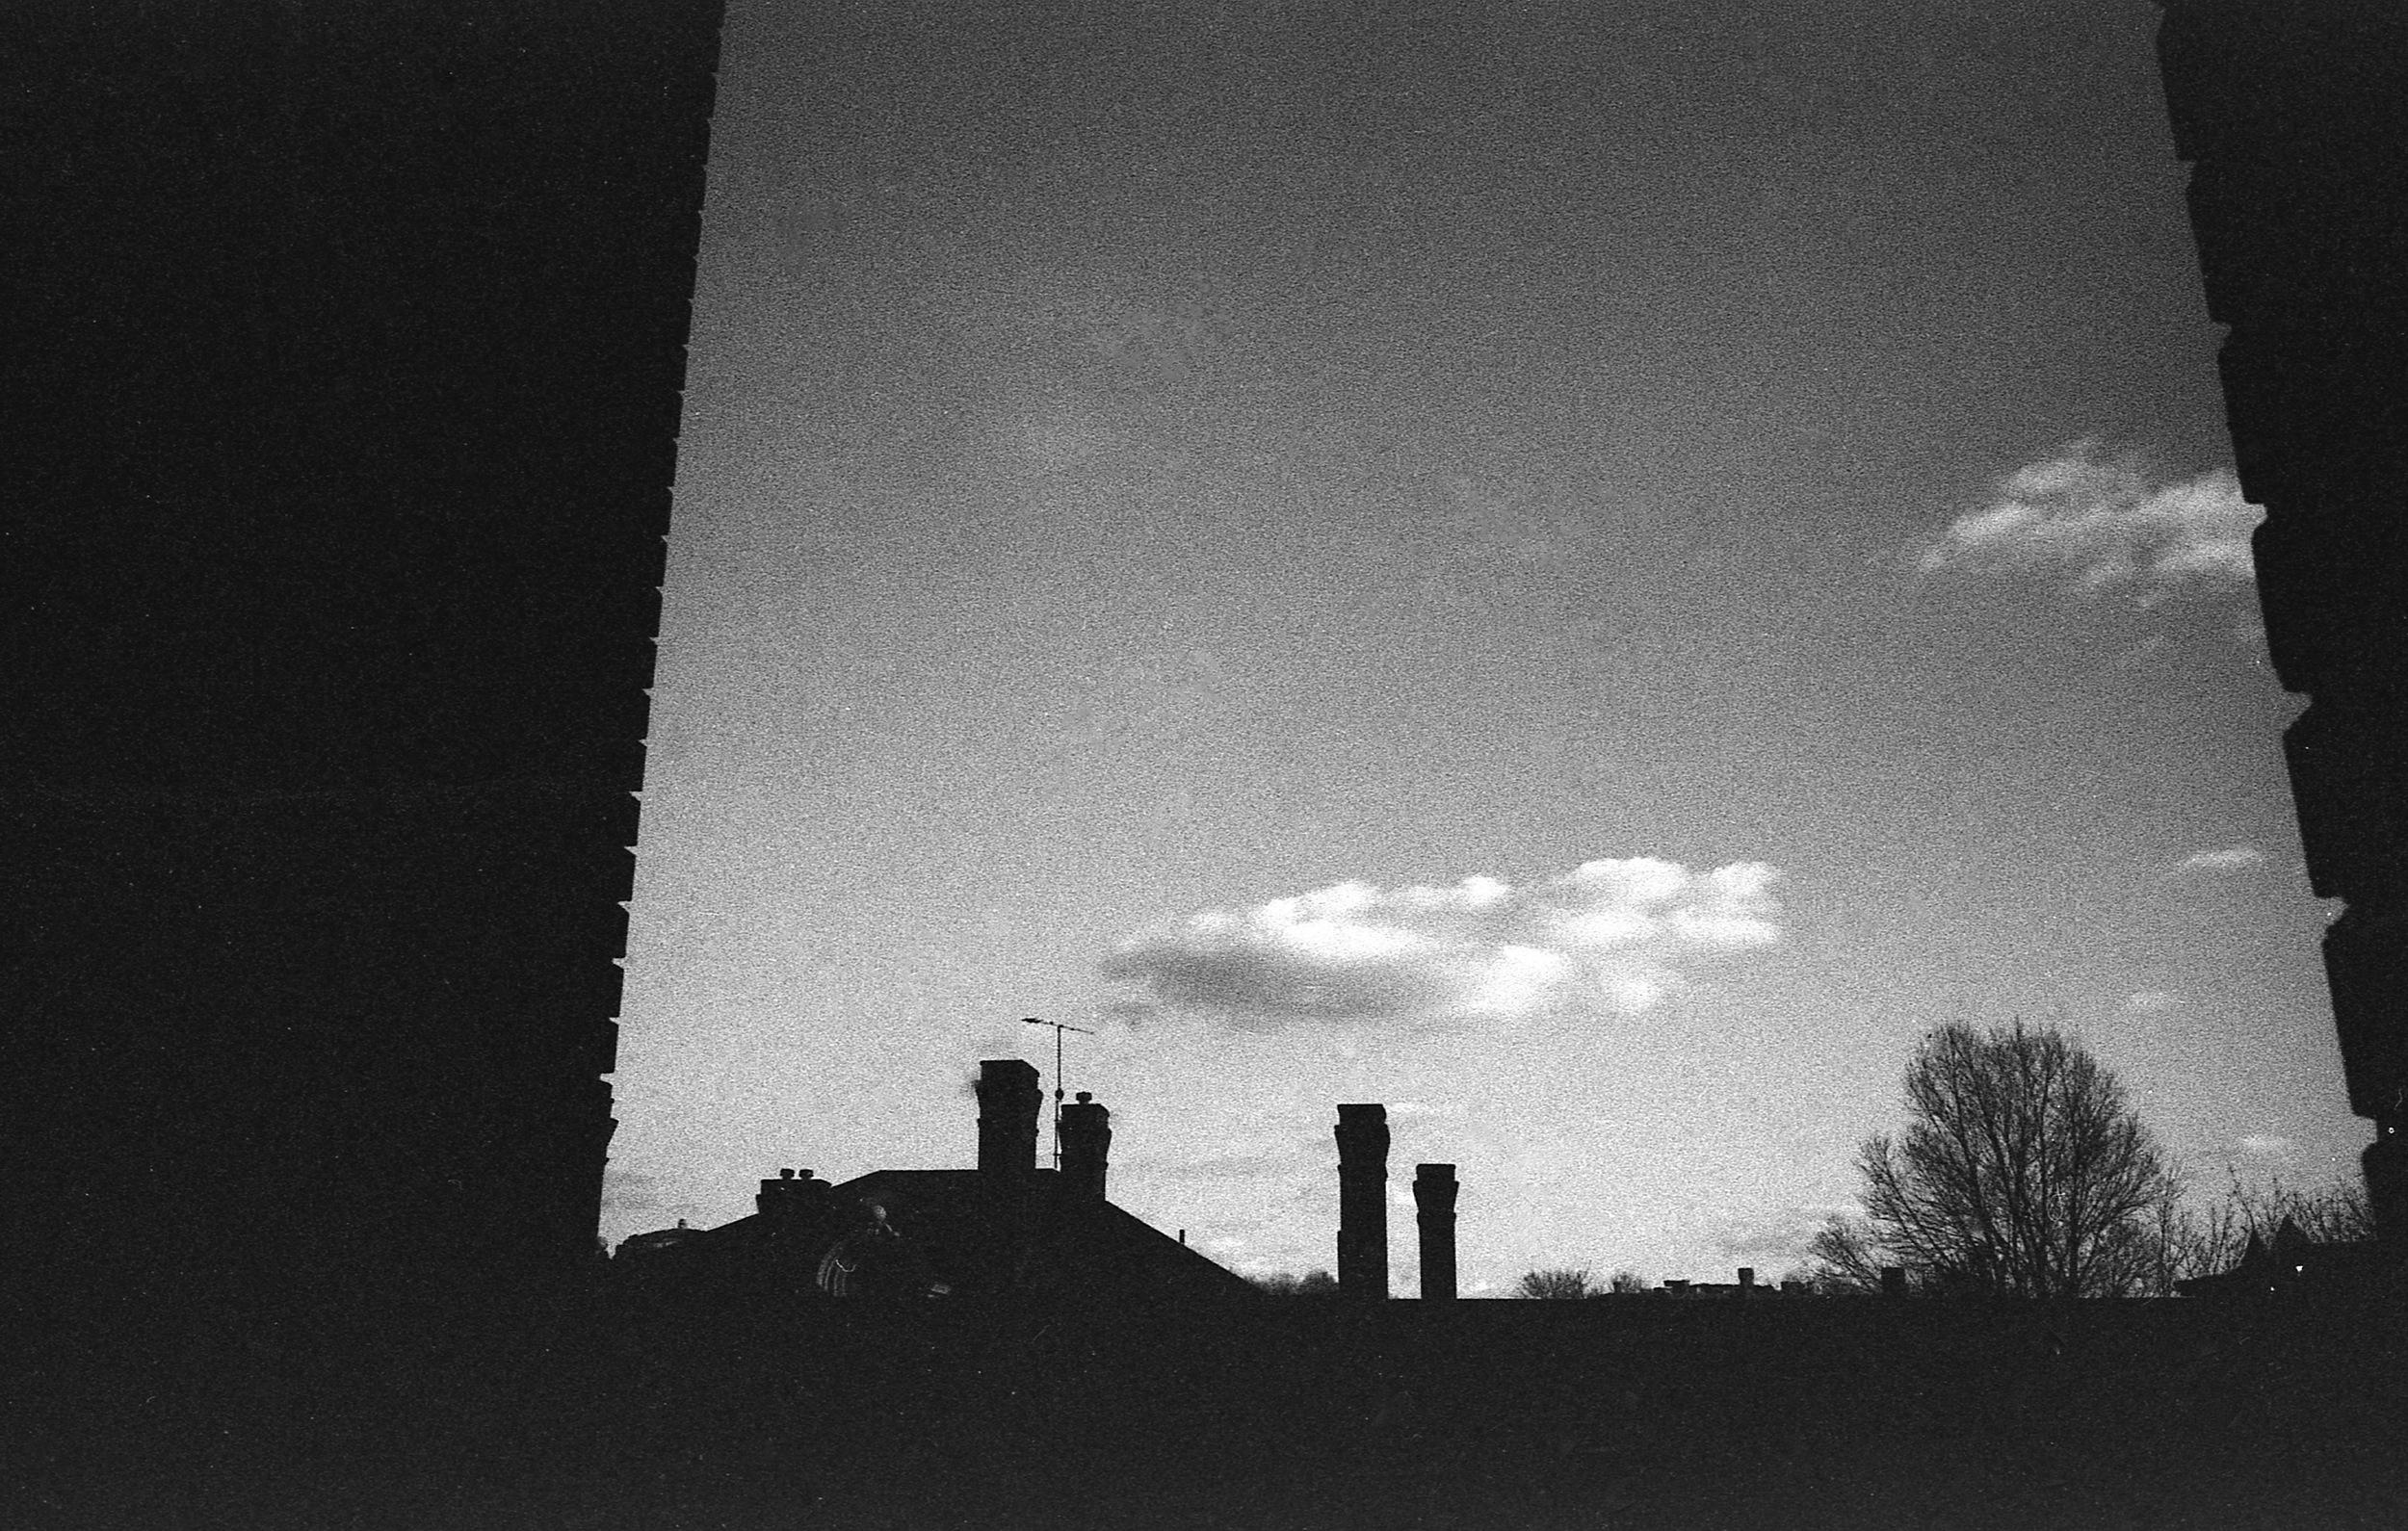 Bricks and clouds - Oakland (CatMan) | Tri-X 400 @ 1600